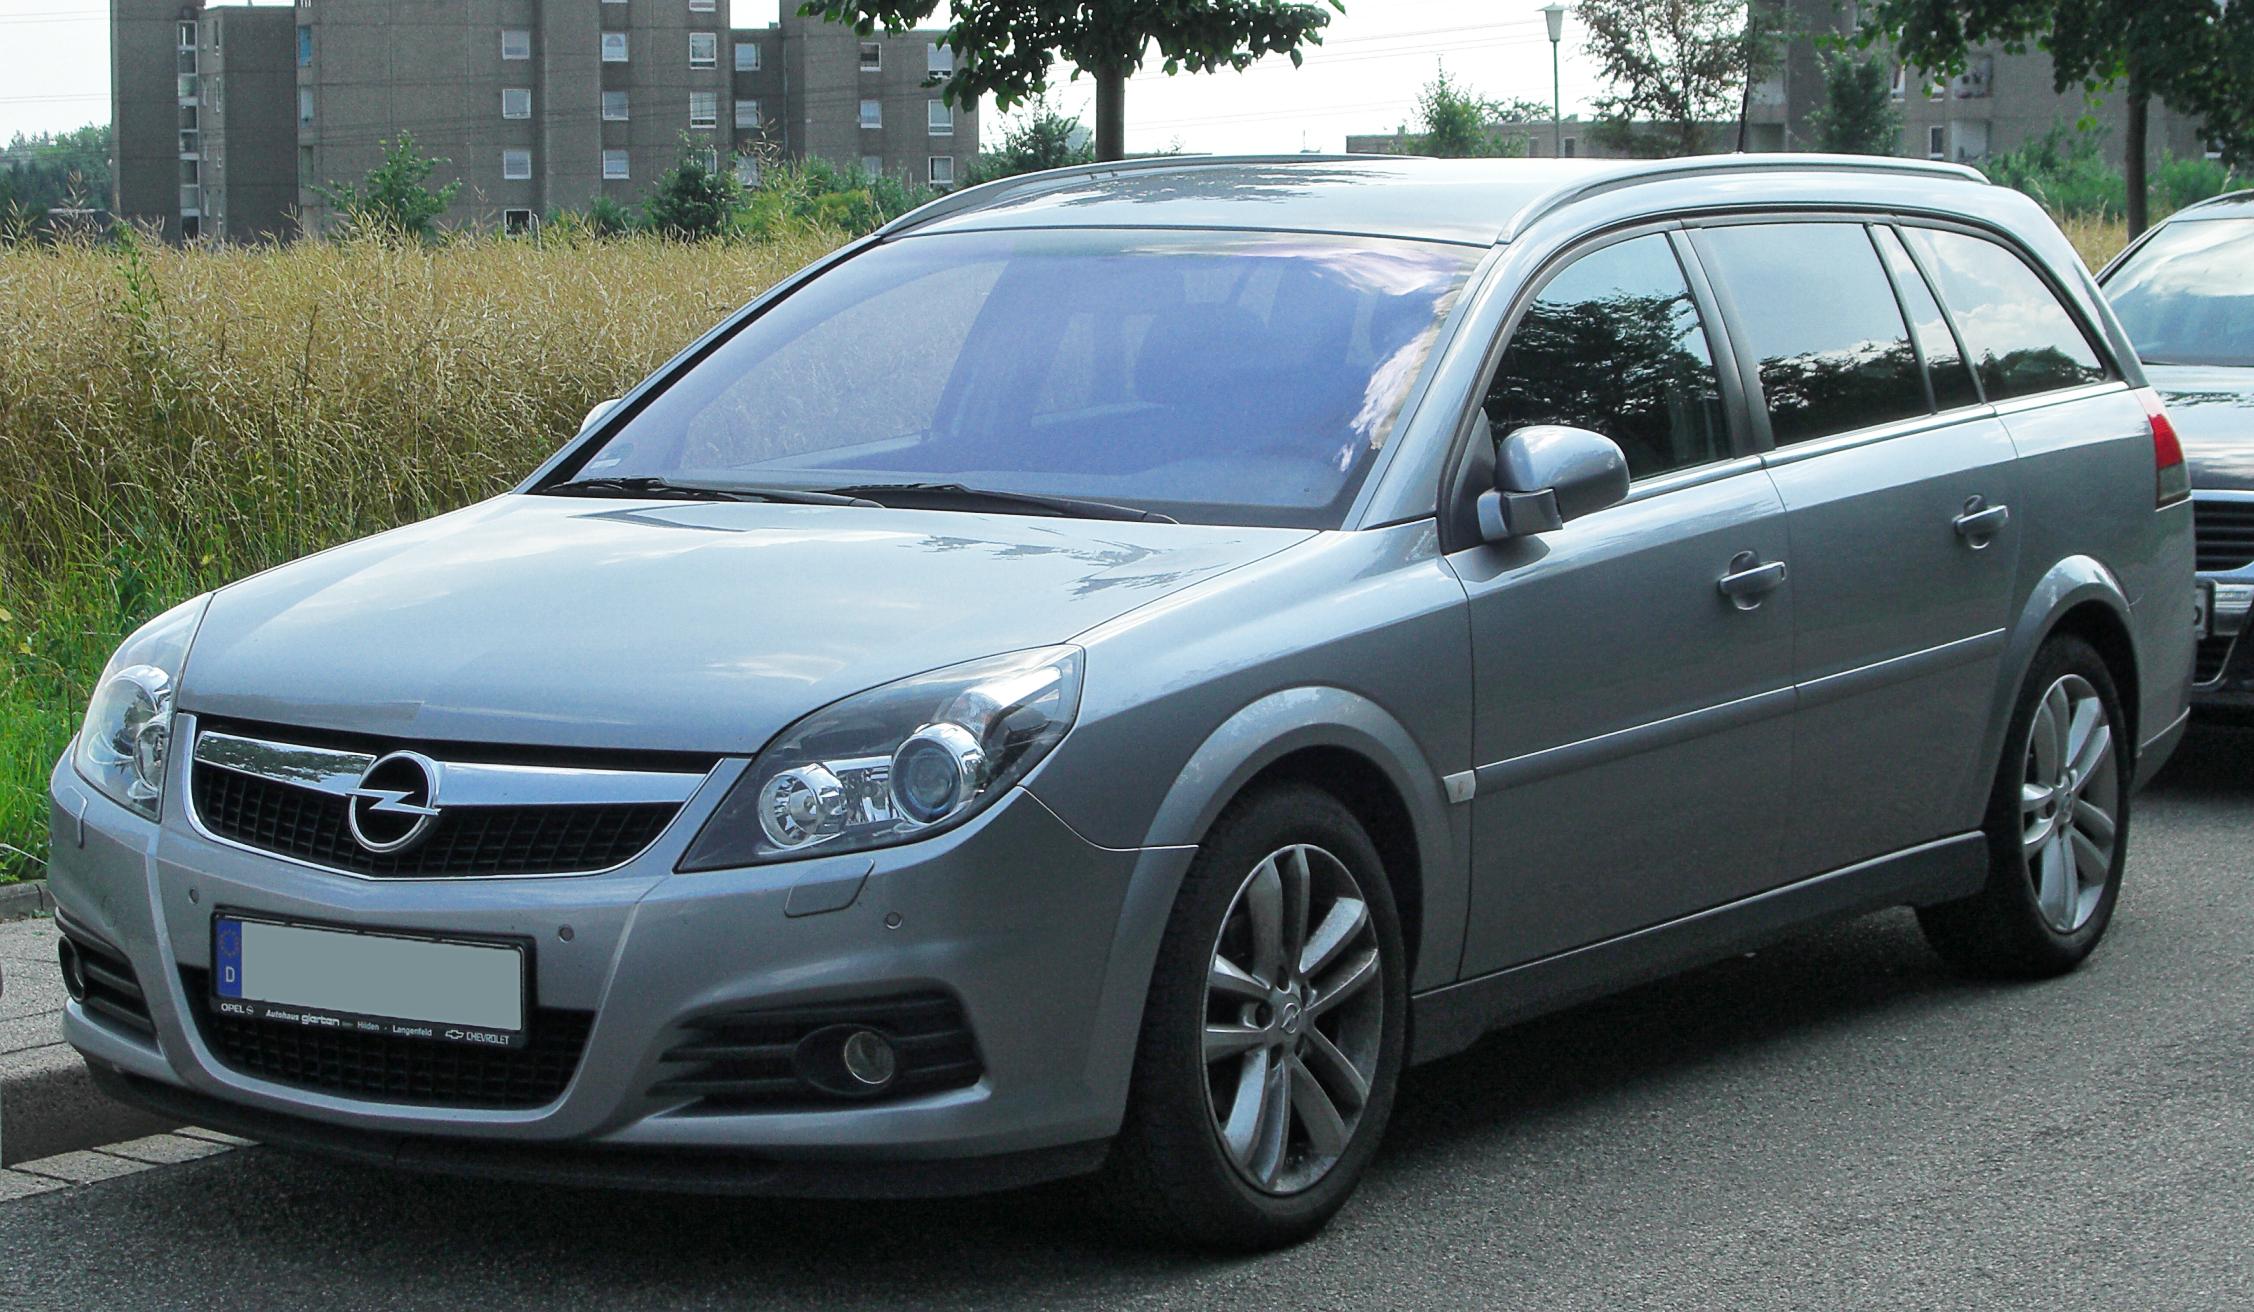 Opel Vectra OPC C Restyling 2005 - 2008 Hatchback 5 door #5